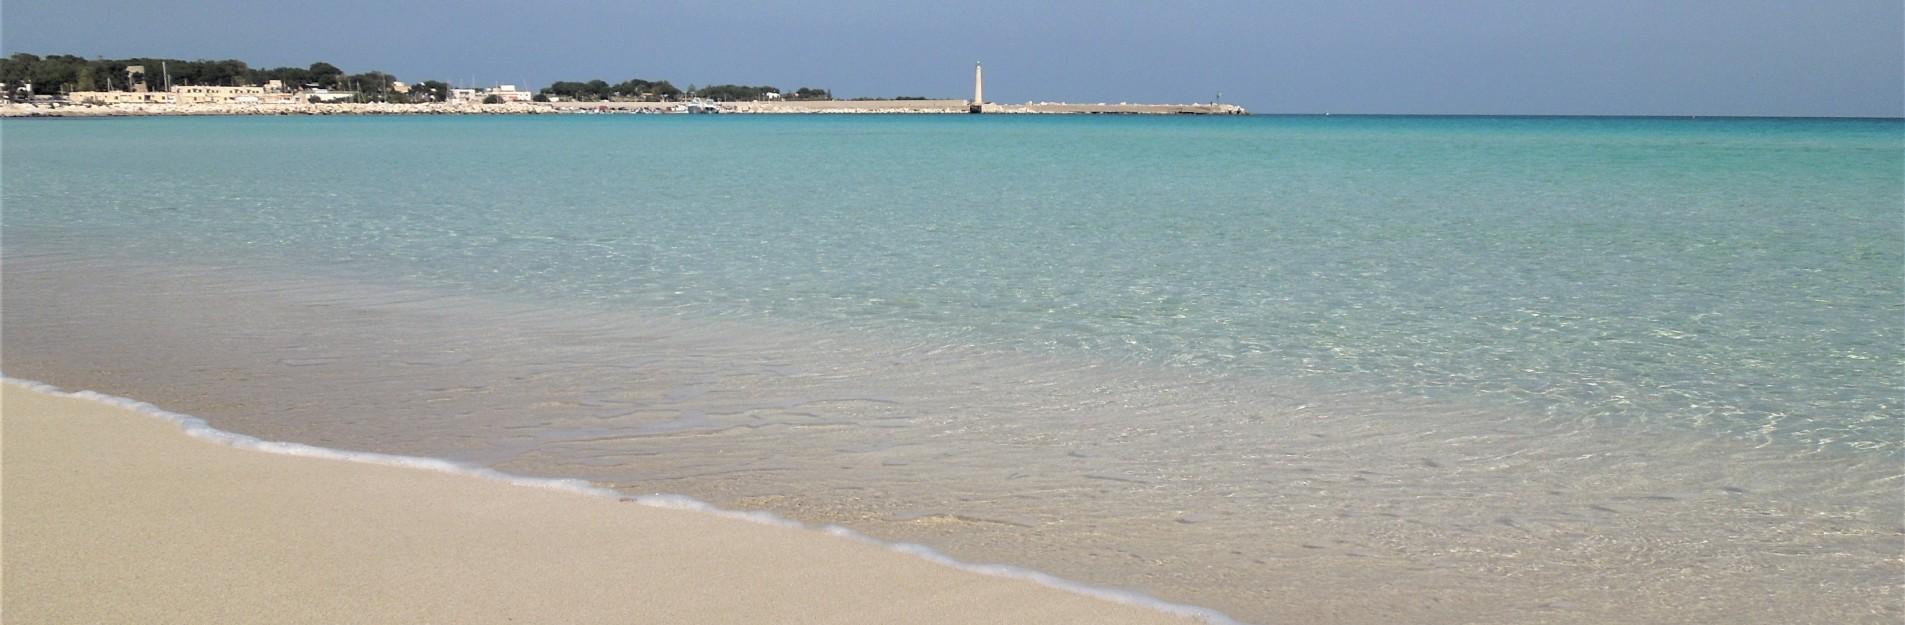 Prenota adesso la tua vacanza al mare...